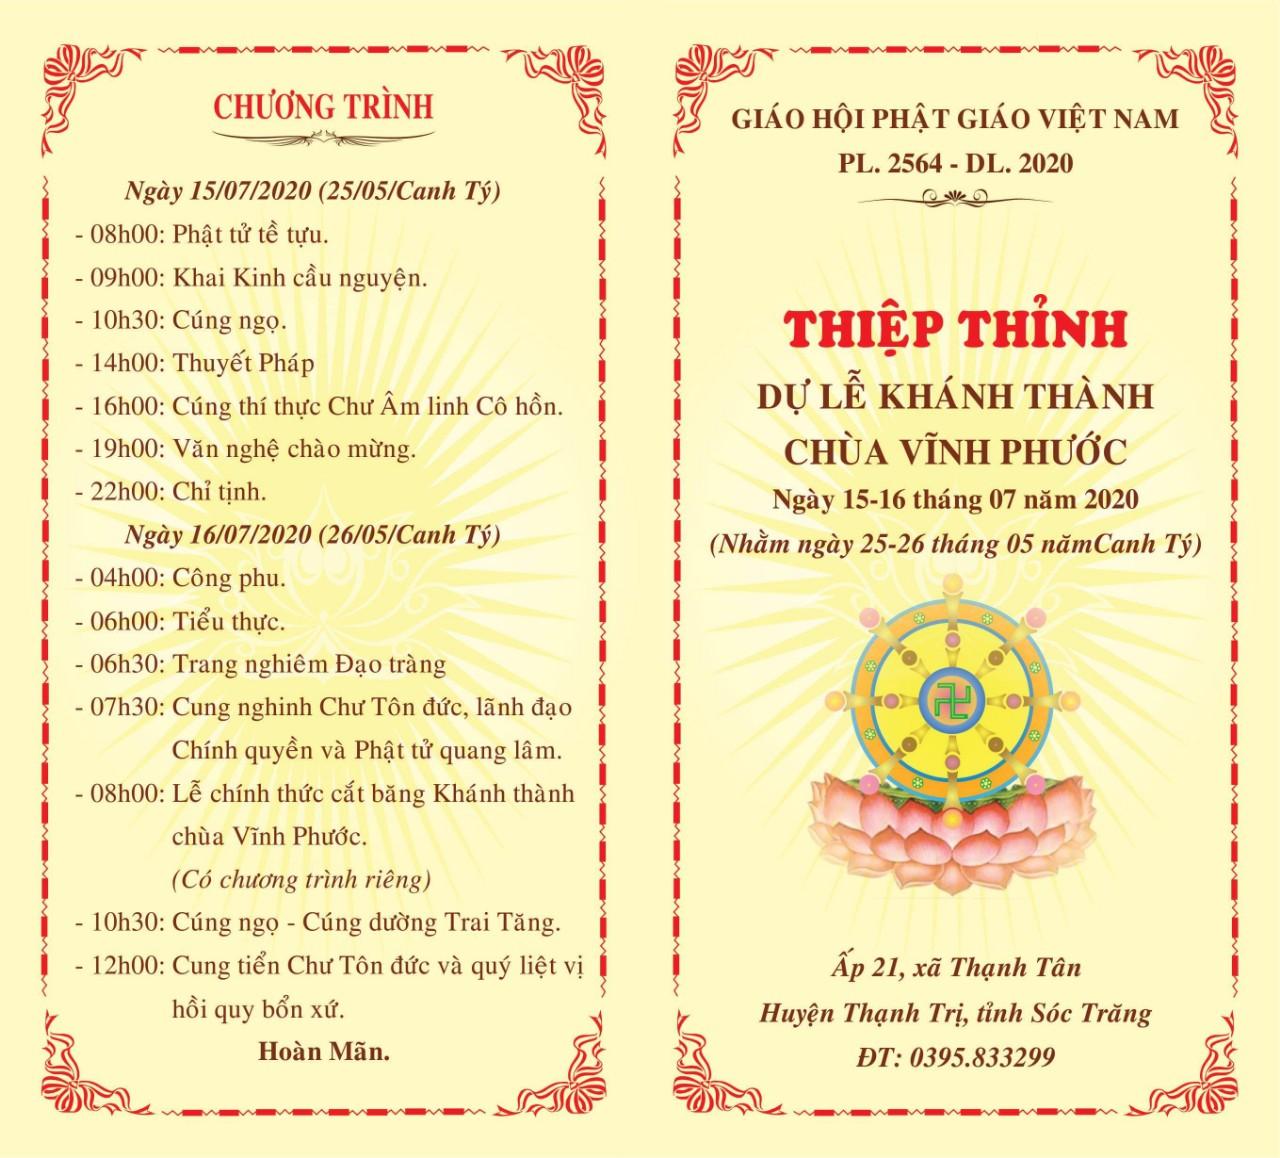 Thiệp thỉnh Lễ cắt băng khánh thành chùa Vĩnh Phước.